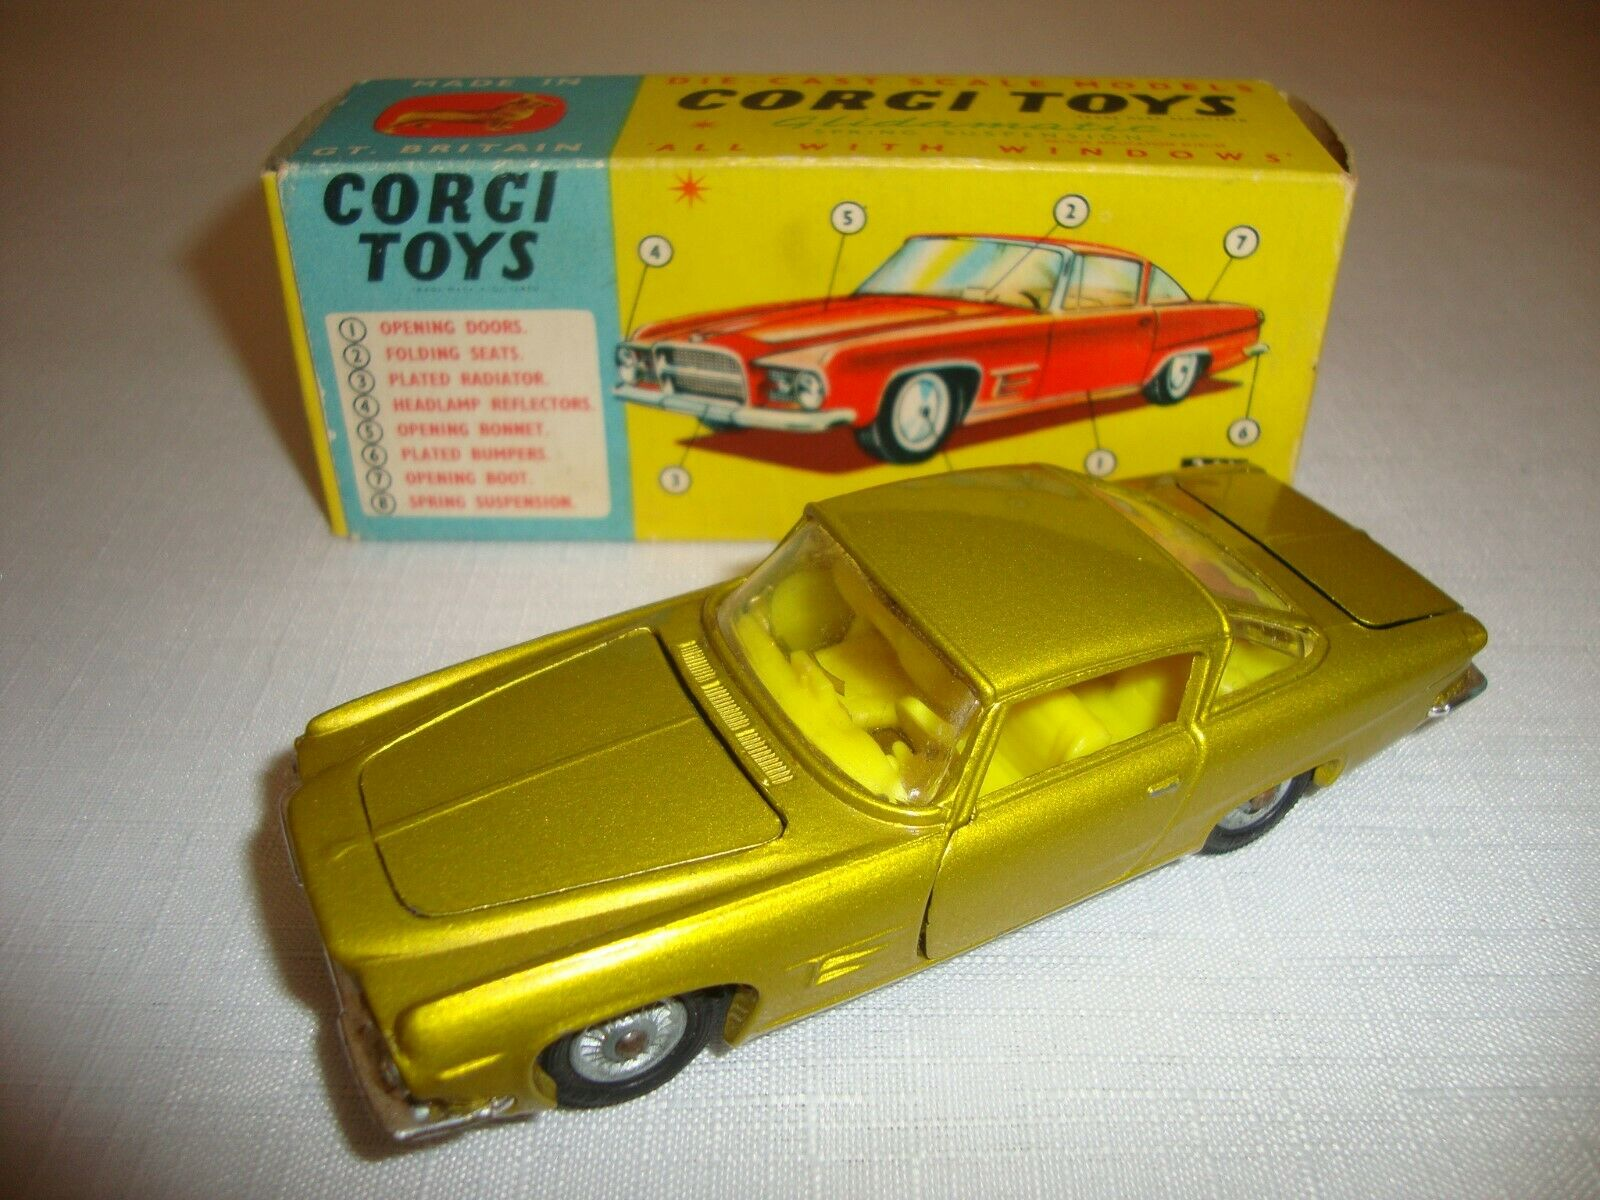 CORGI 241 GHIA L.6.4 EXCELLENT i original BOX